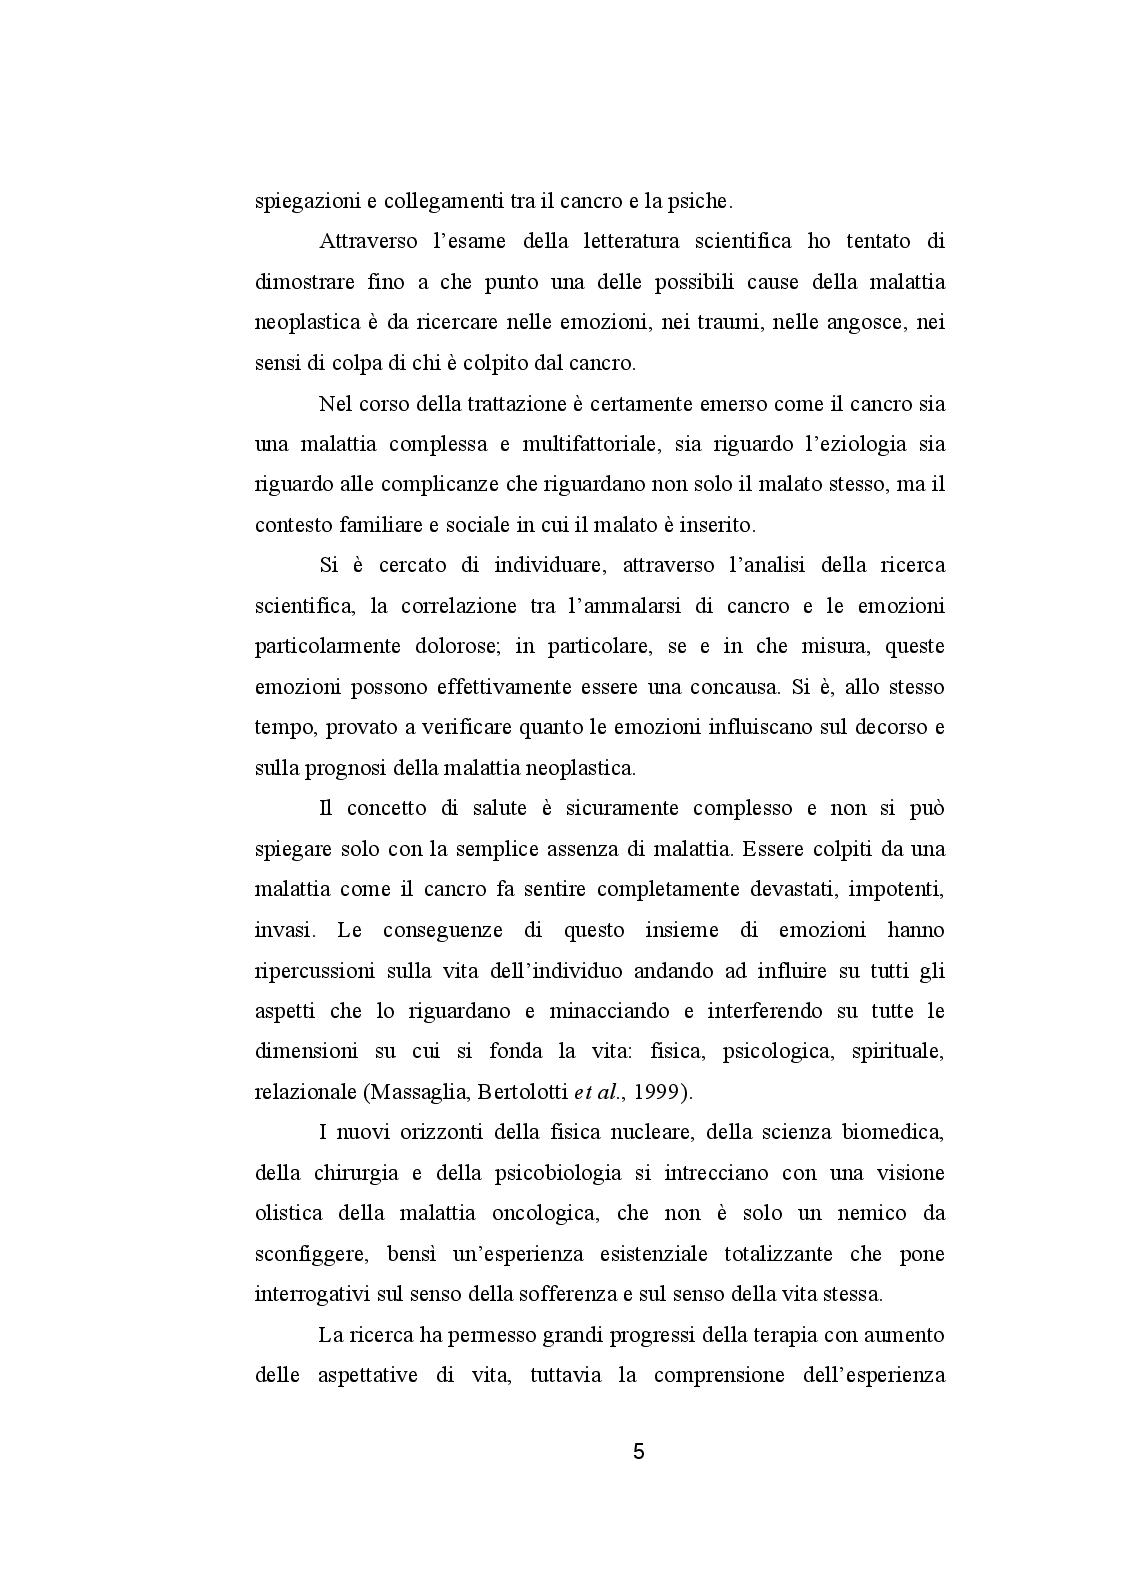 Anteprima della tesi: CANCRO ED EMOZIONI. Implicazioni psicologiche e socio-relazionali nella sindrome psiconeoplastica, Pagina 3